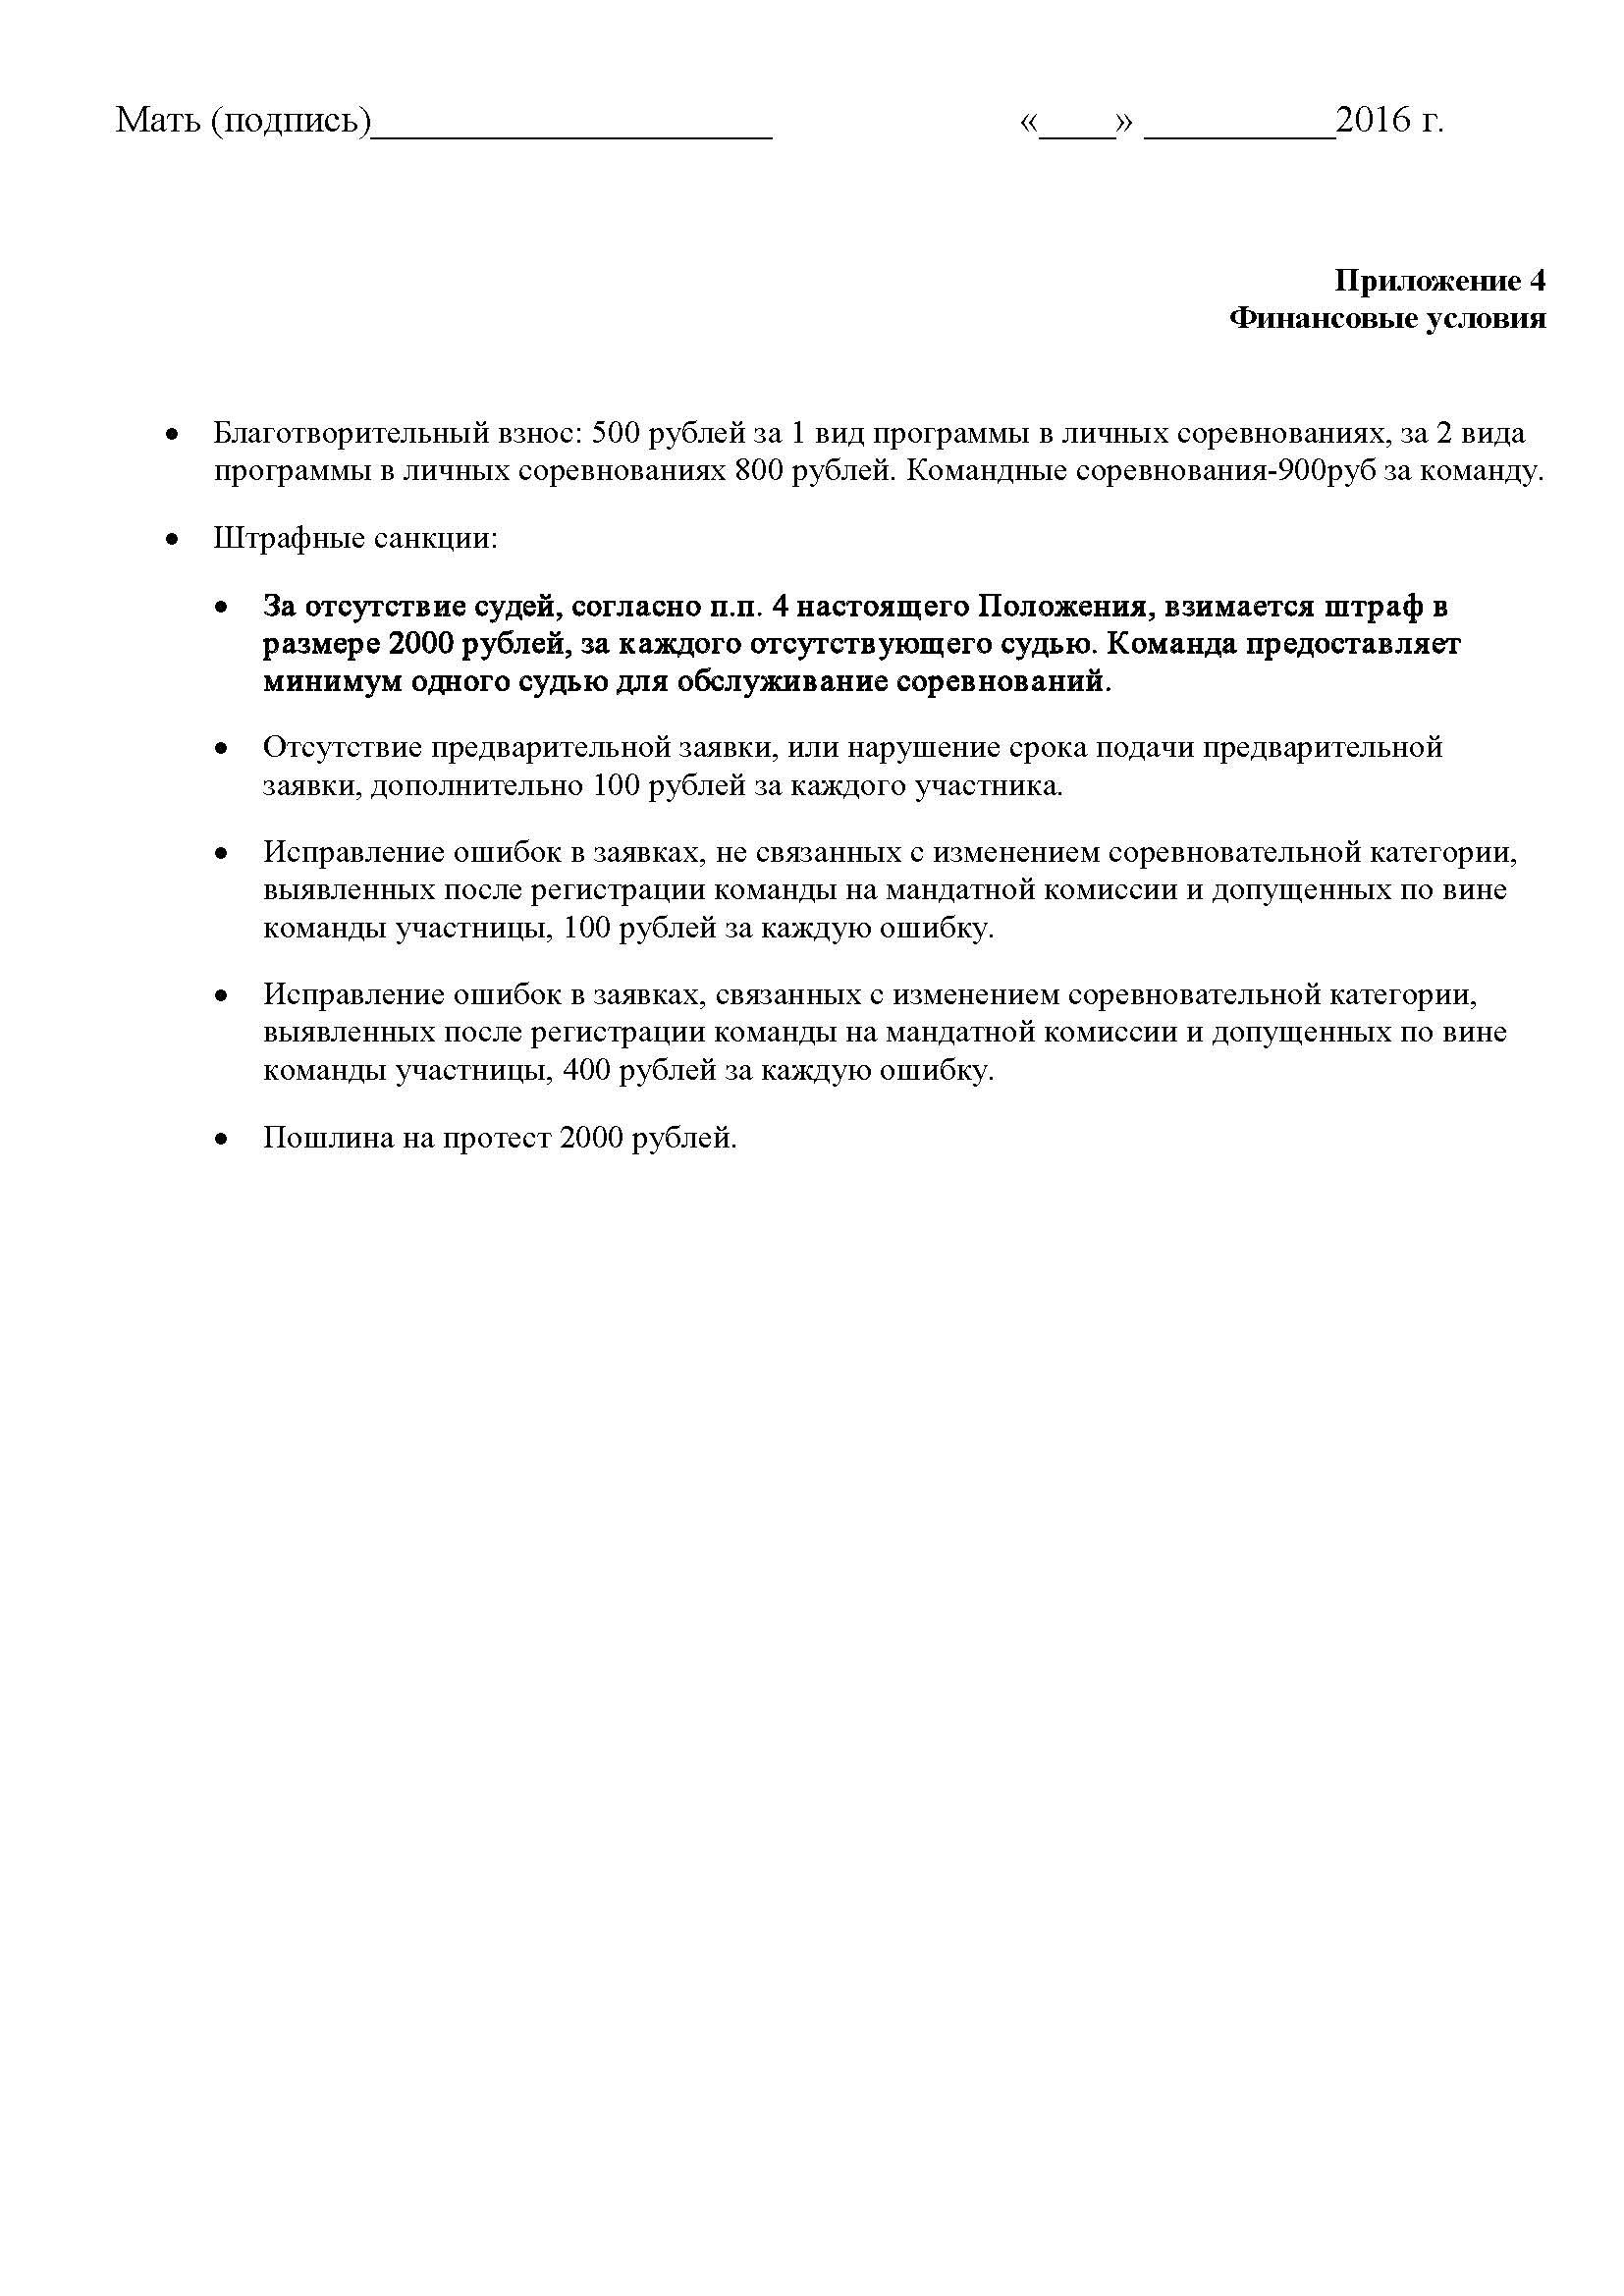 Положение о проведении Первенства и Чемпионата Псковской области по  Каратэ WKF_Страница_7